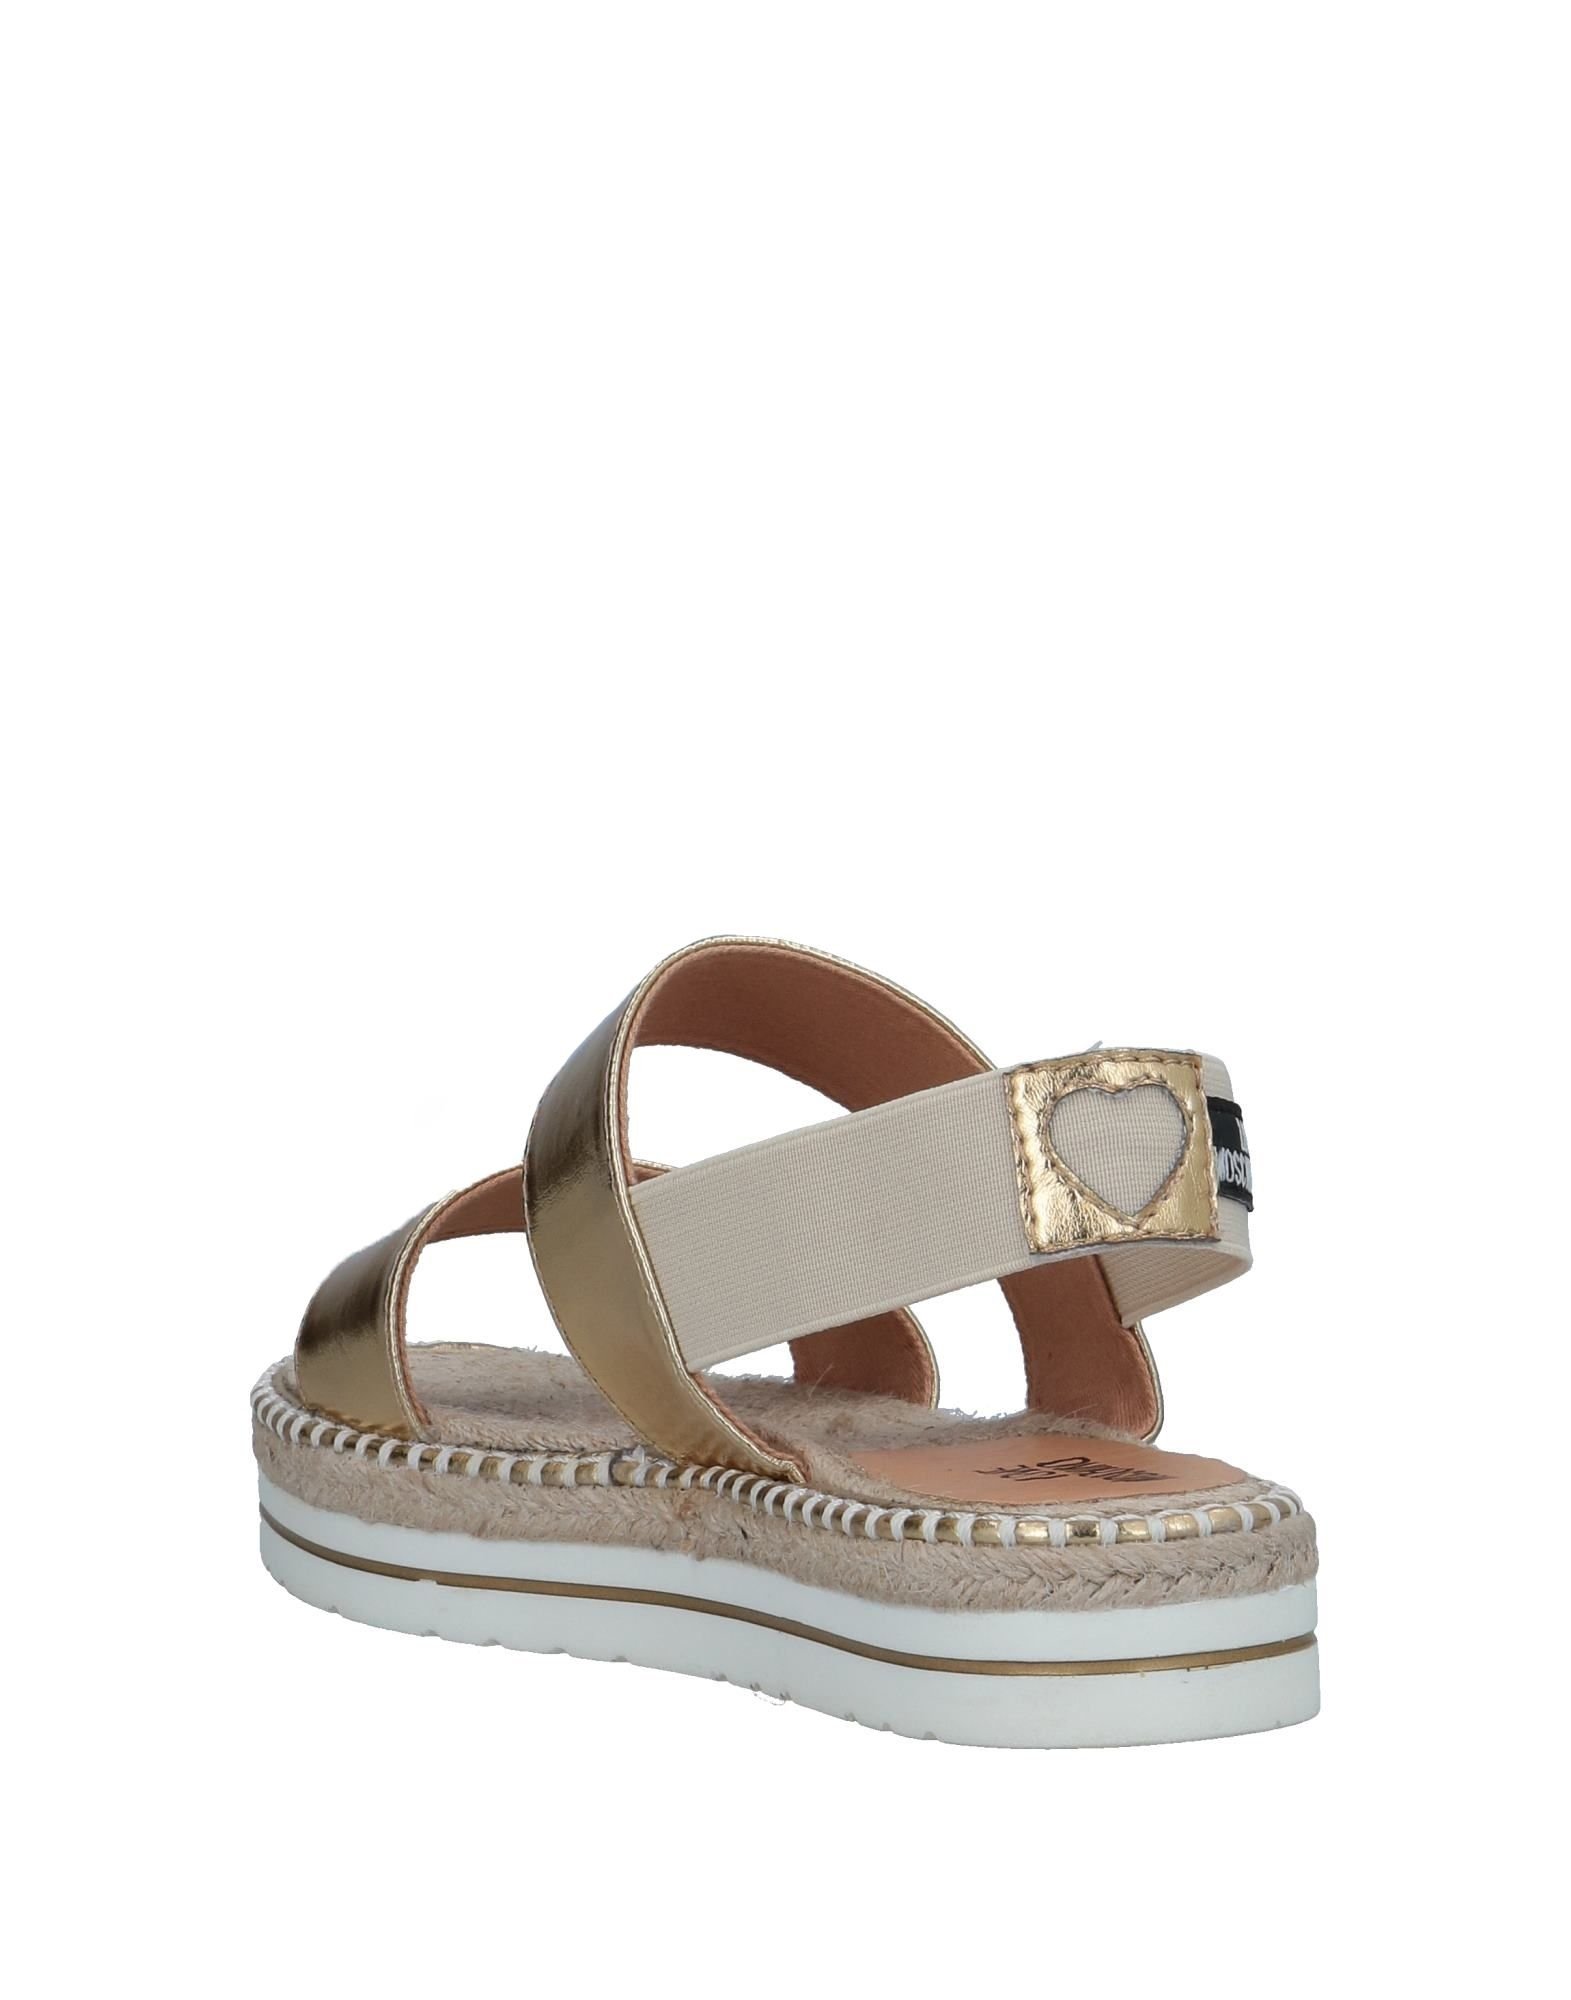 love moschino sandales - les les les femmes adorent les sandales en ligne sur canada 563802